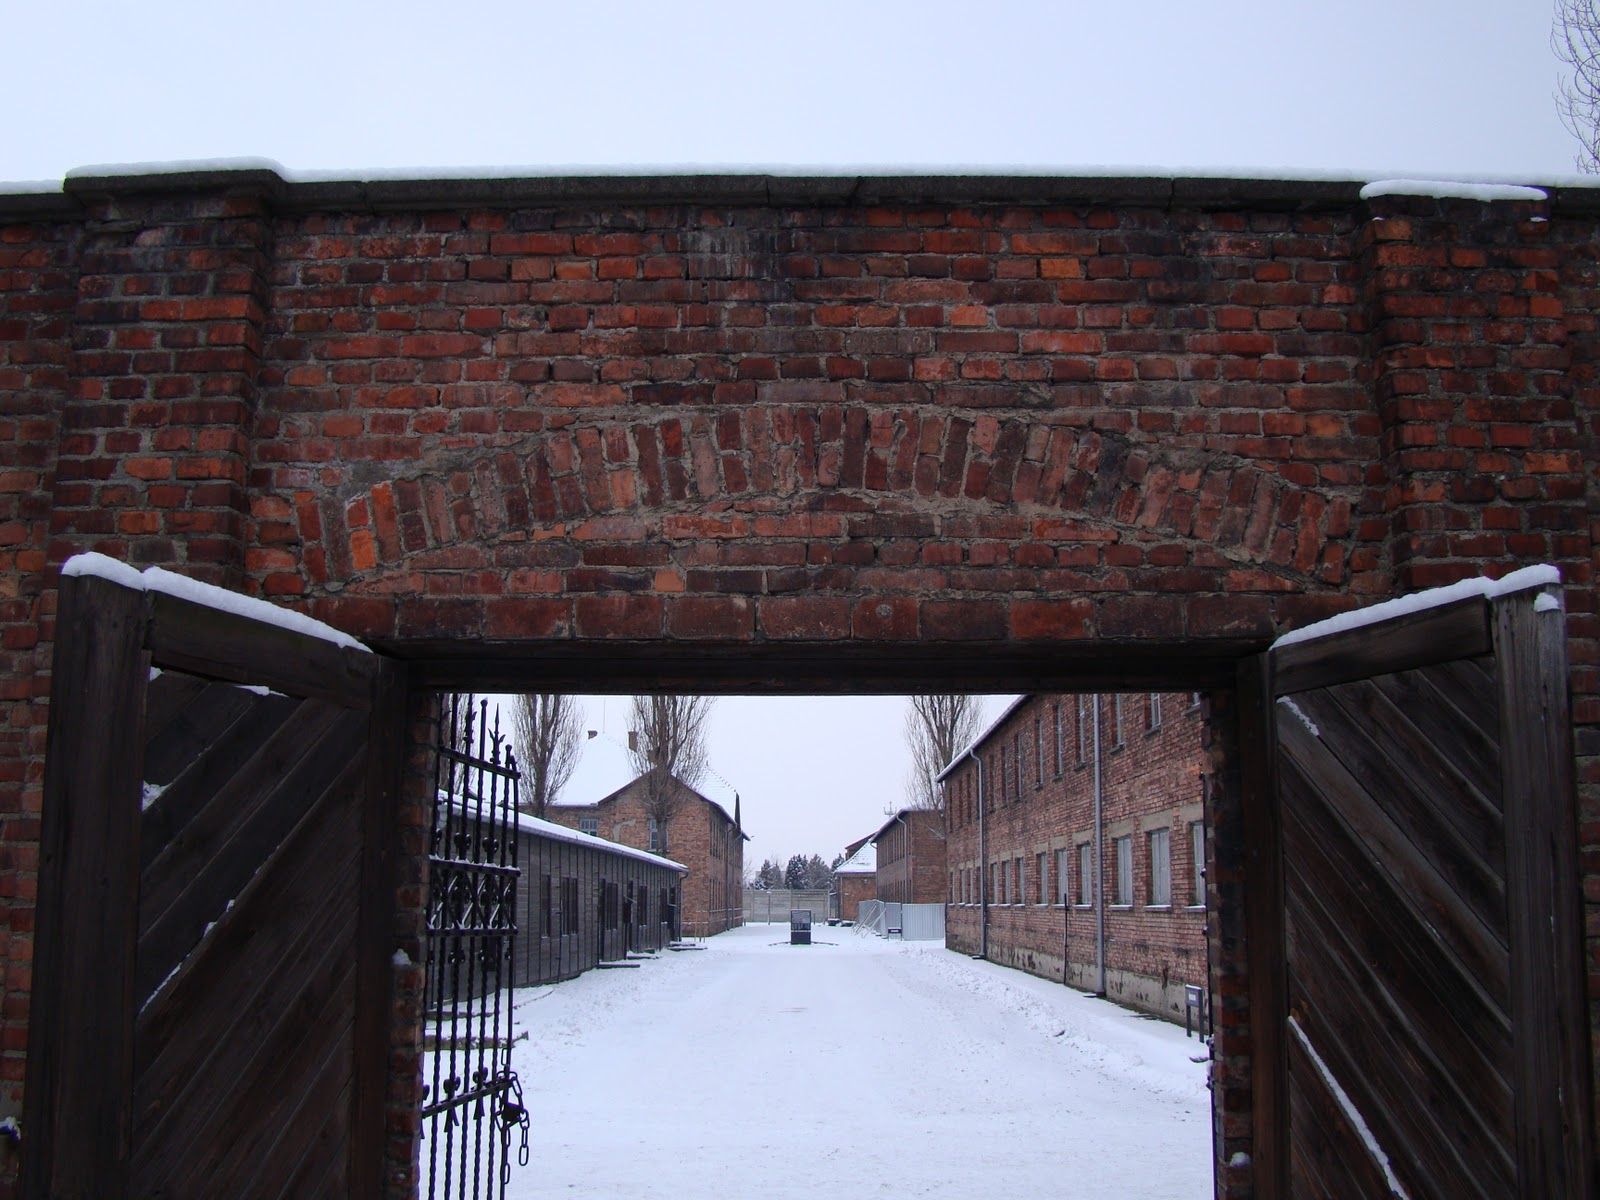 Auschwitz 2012 auschwitz 1 the wall of death